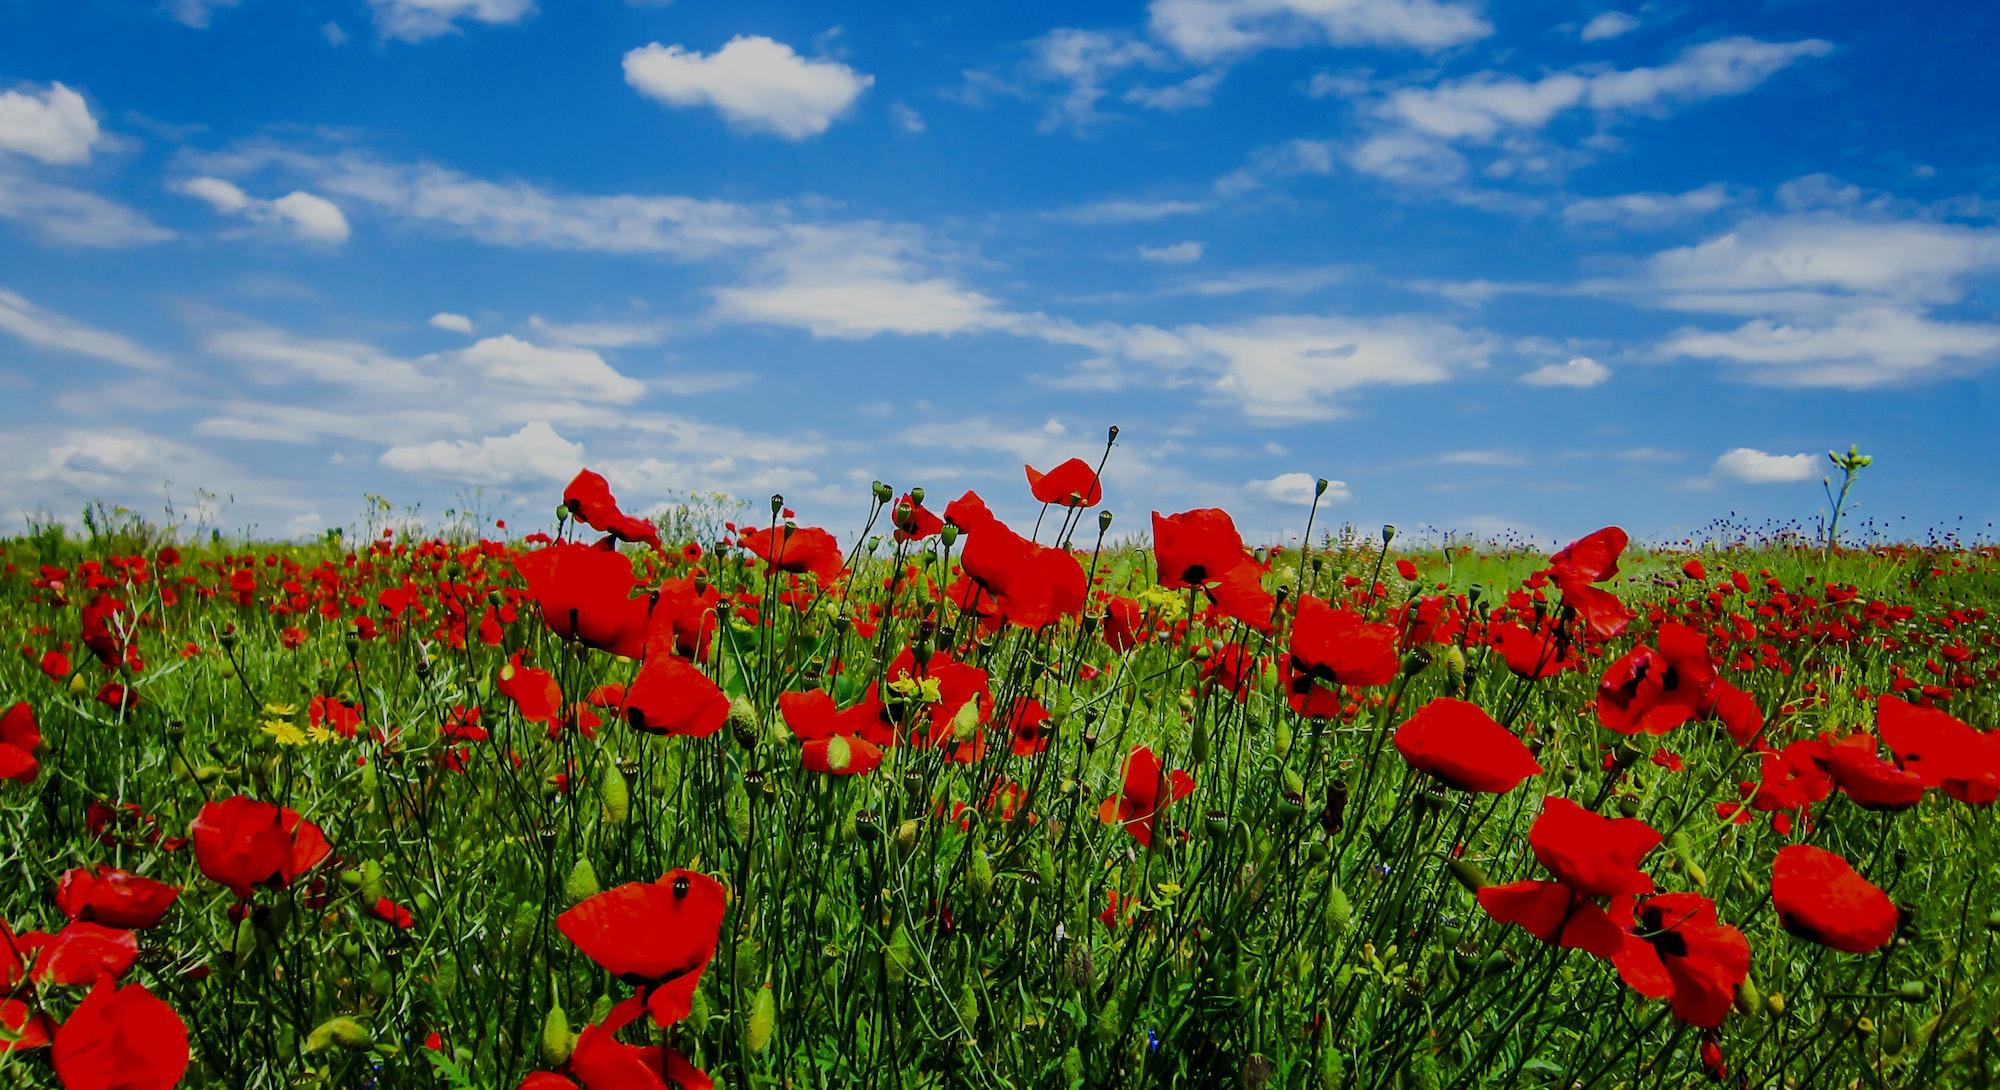 Summer scarlet poppy flowers field. Scarlet poppy flowers meadow. Summer scarlet poppies flowers meadow